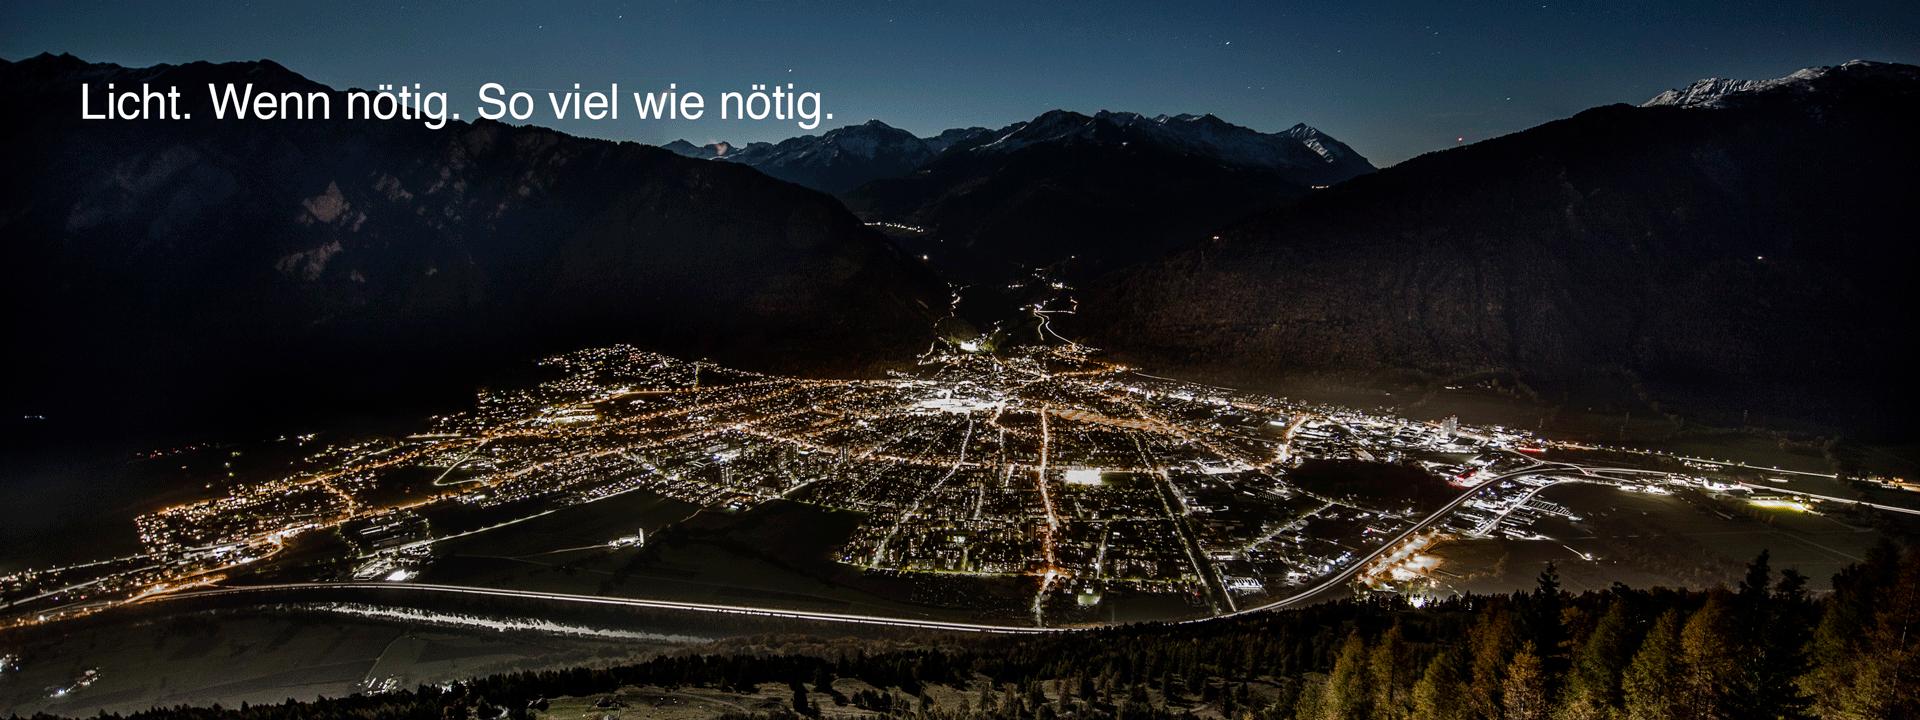 Intelligentes Beleuchtung für die Stadt Chur